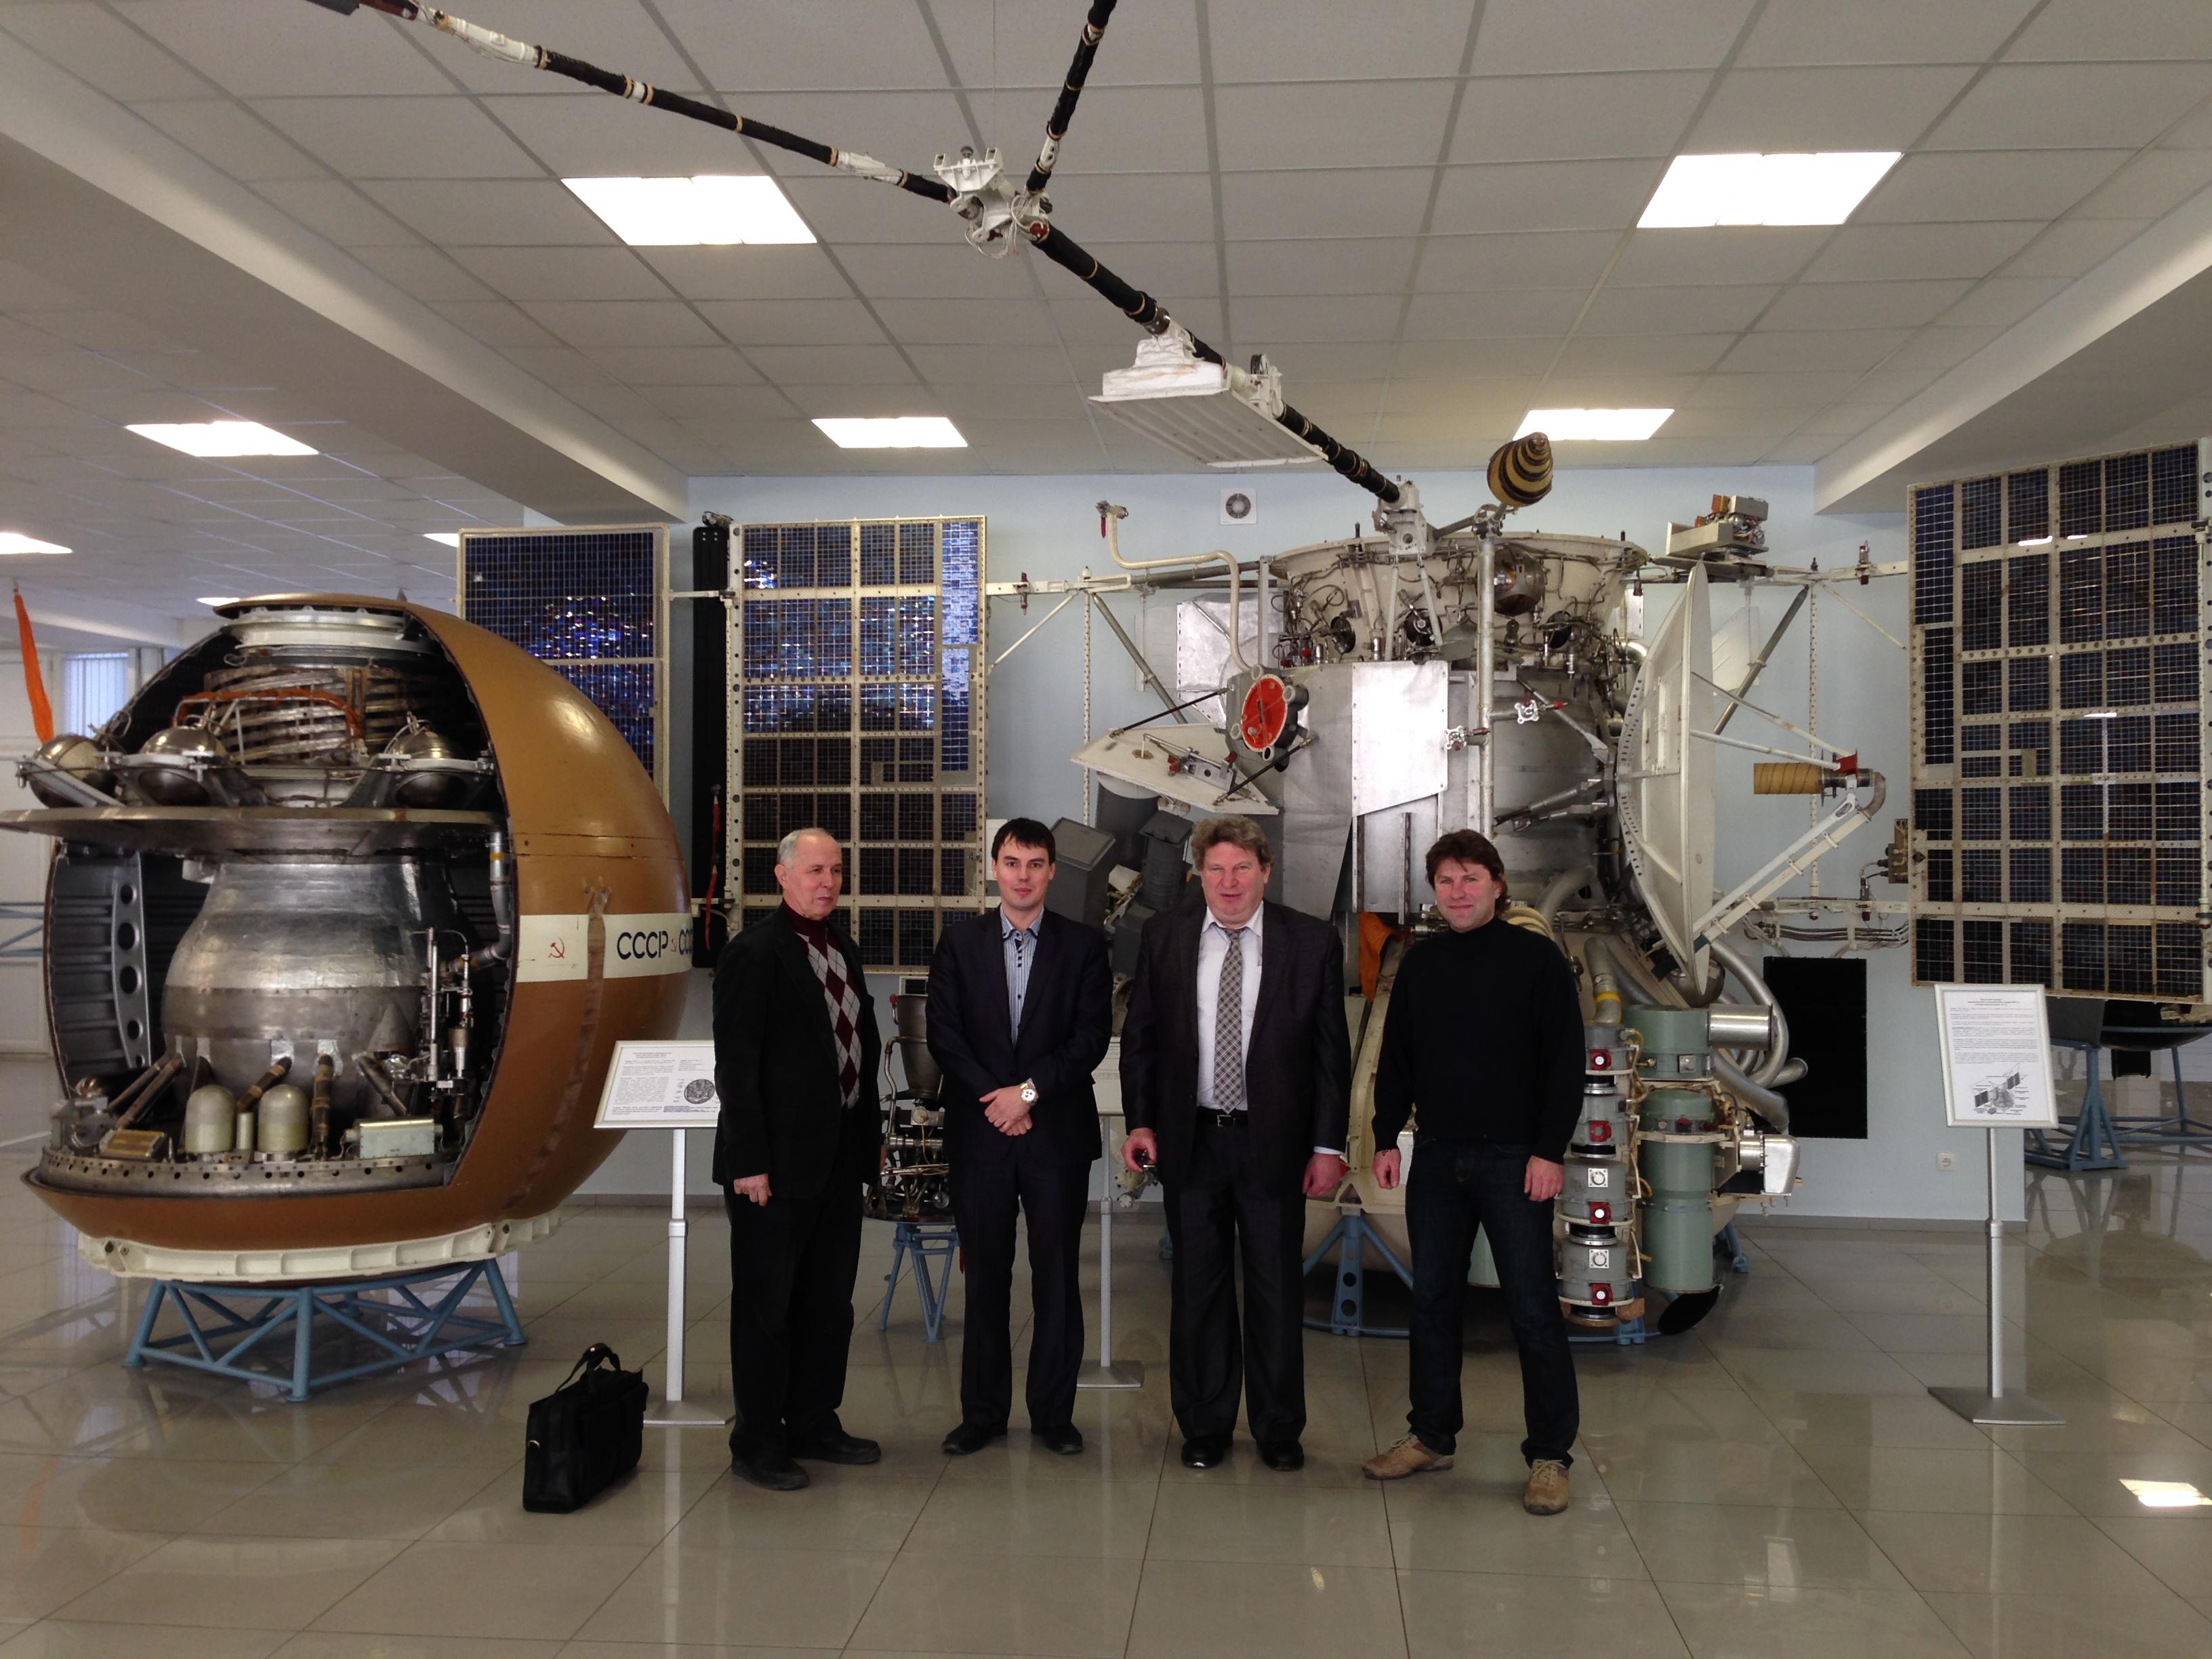 31 января 2014 года. Музей НПО-Л. XXXVIII чтения по космонавтике. Все вместе